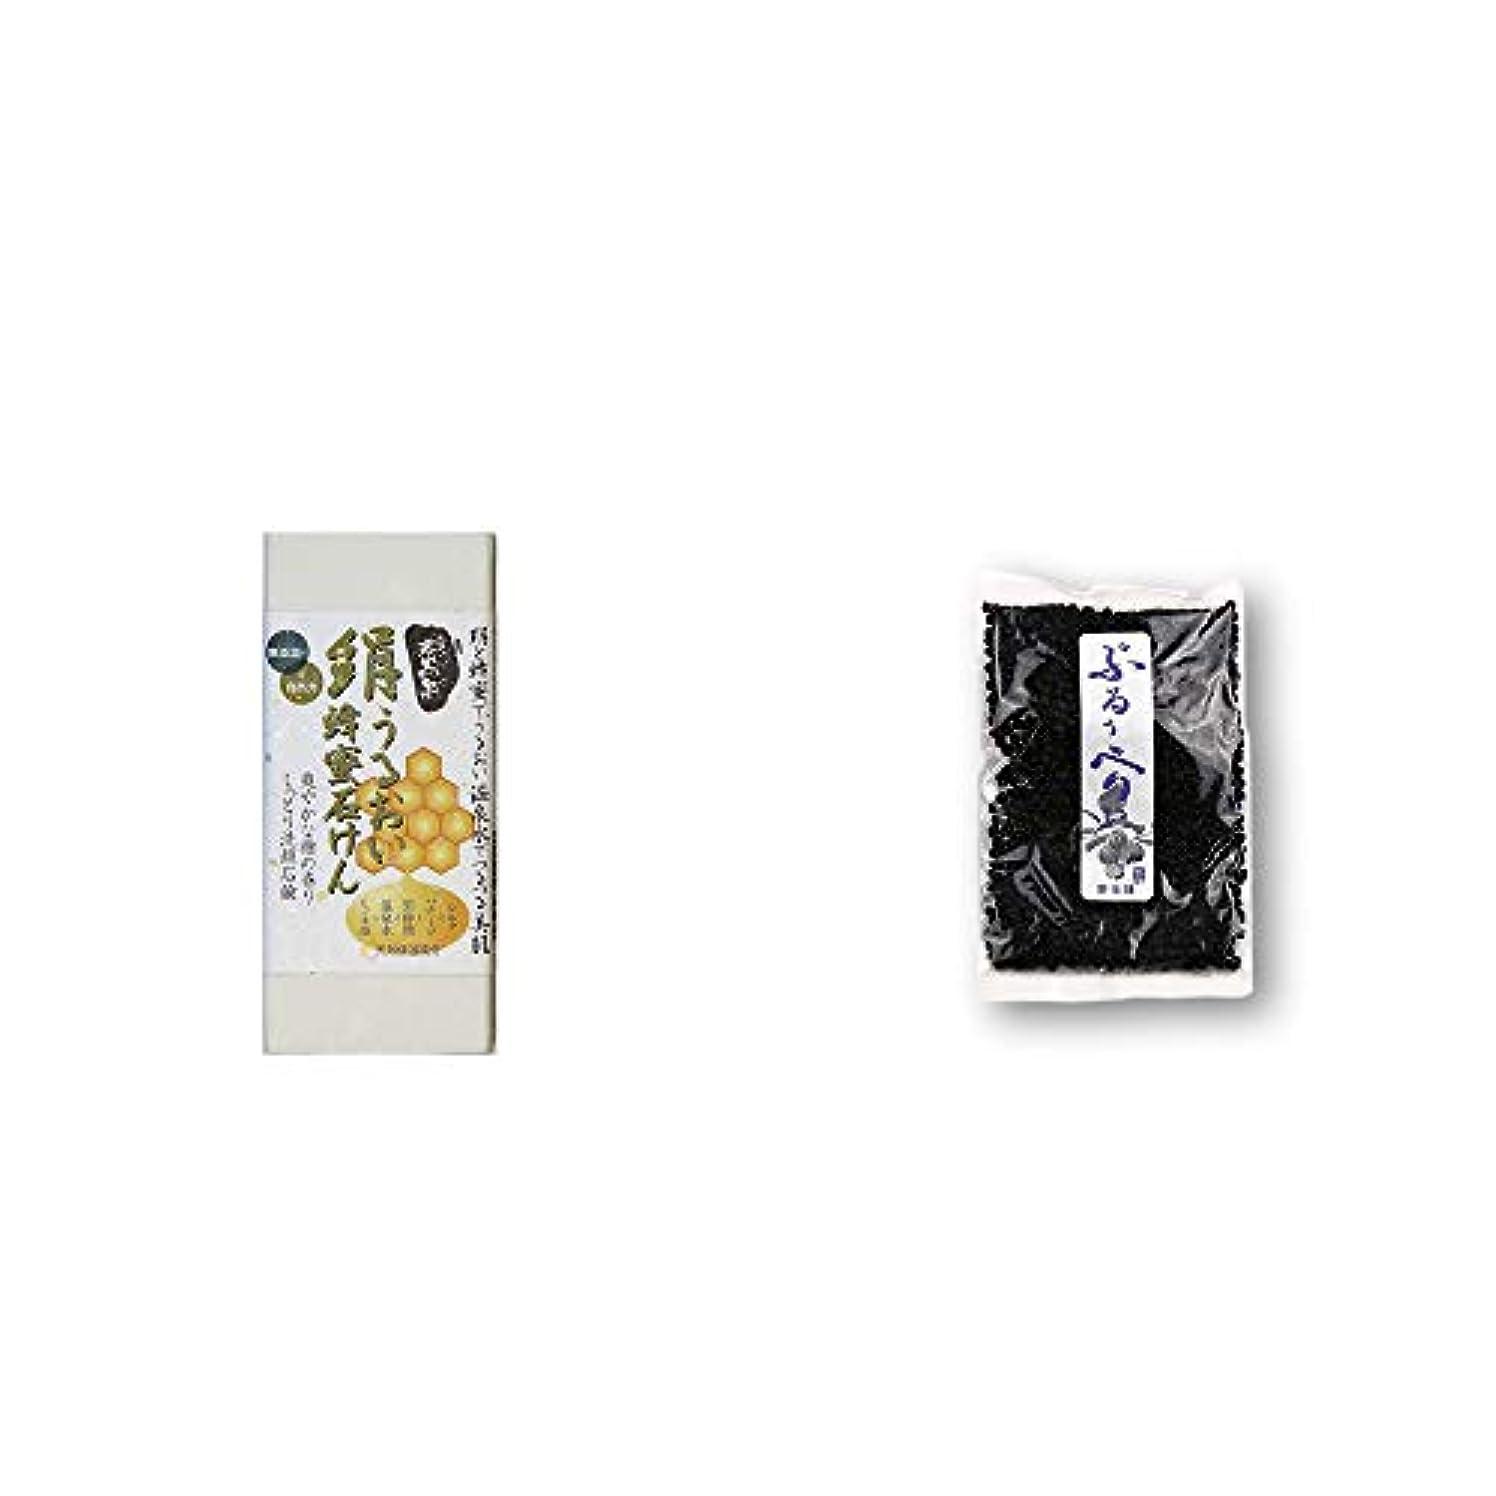 白菜執着パーセント[2点セット] ひのき炭黒泉 絹うるおい蜂蜜石けん(75g×2)?野生種ぶるぅべりぃ(260g)